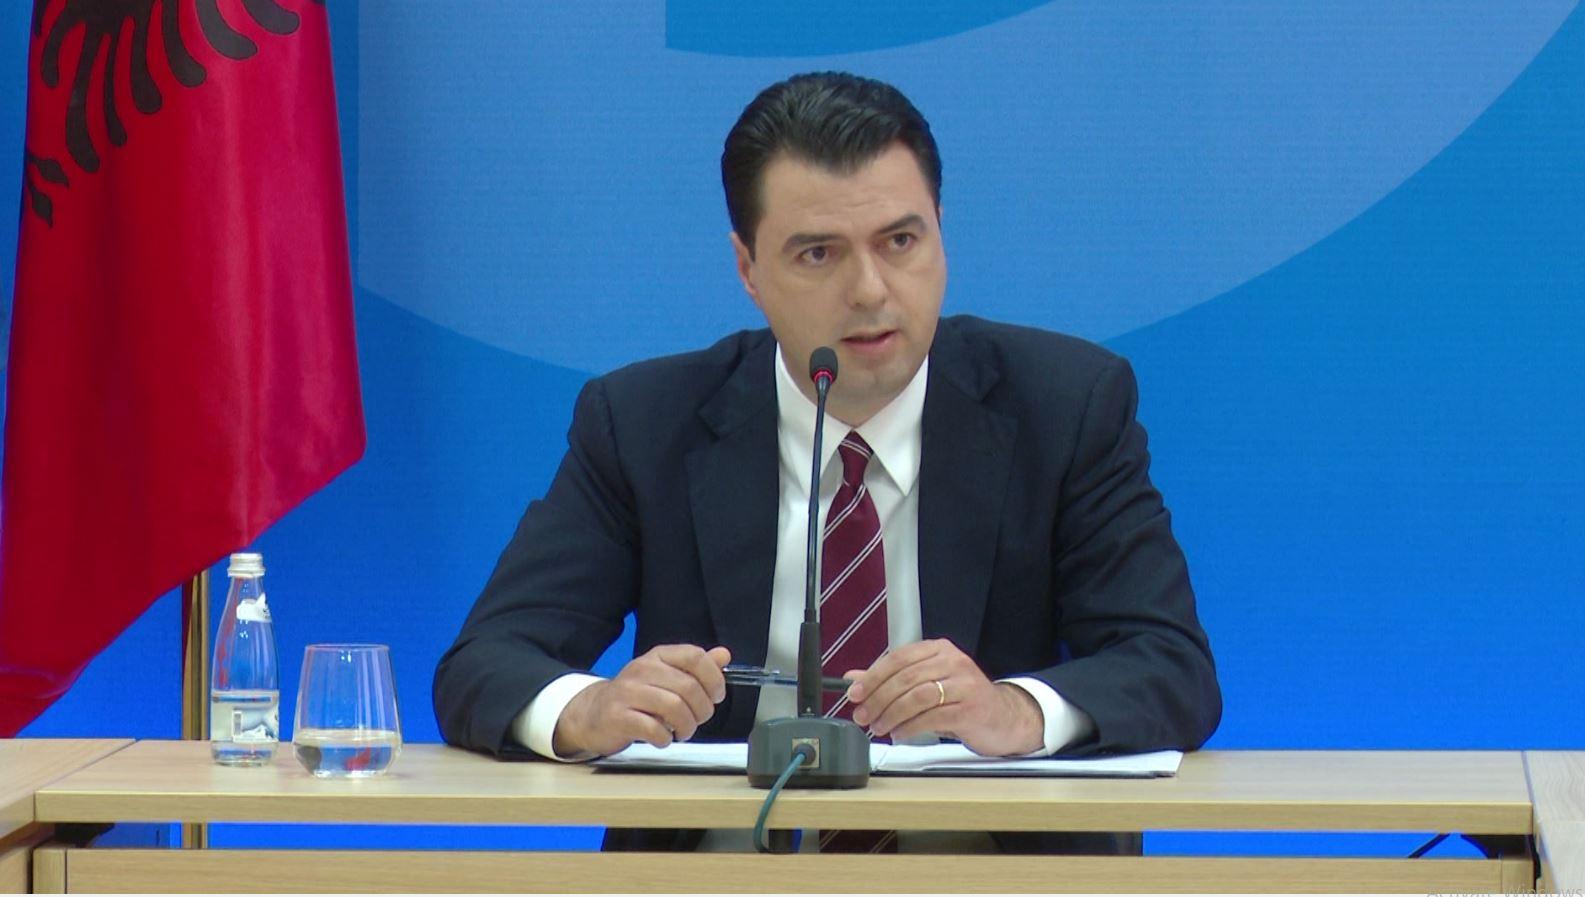 Basha: Ndërkombëtarët janë ndërgjegjësuar, ka konsensus për zgjedhje të parakohshme